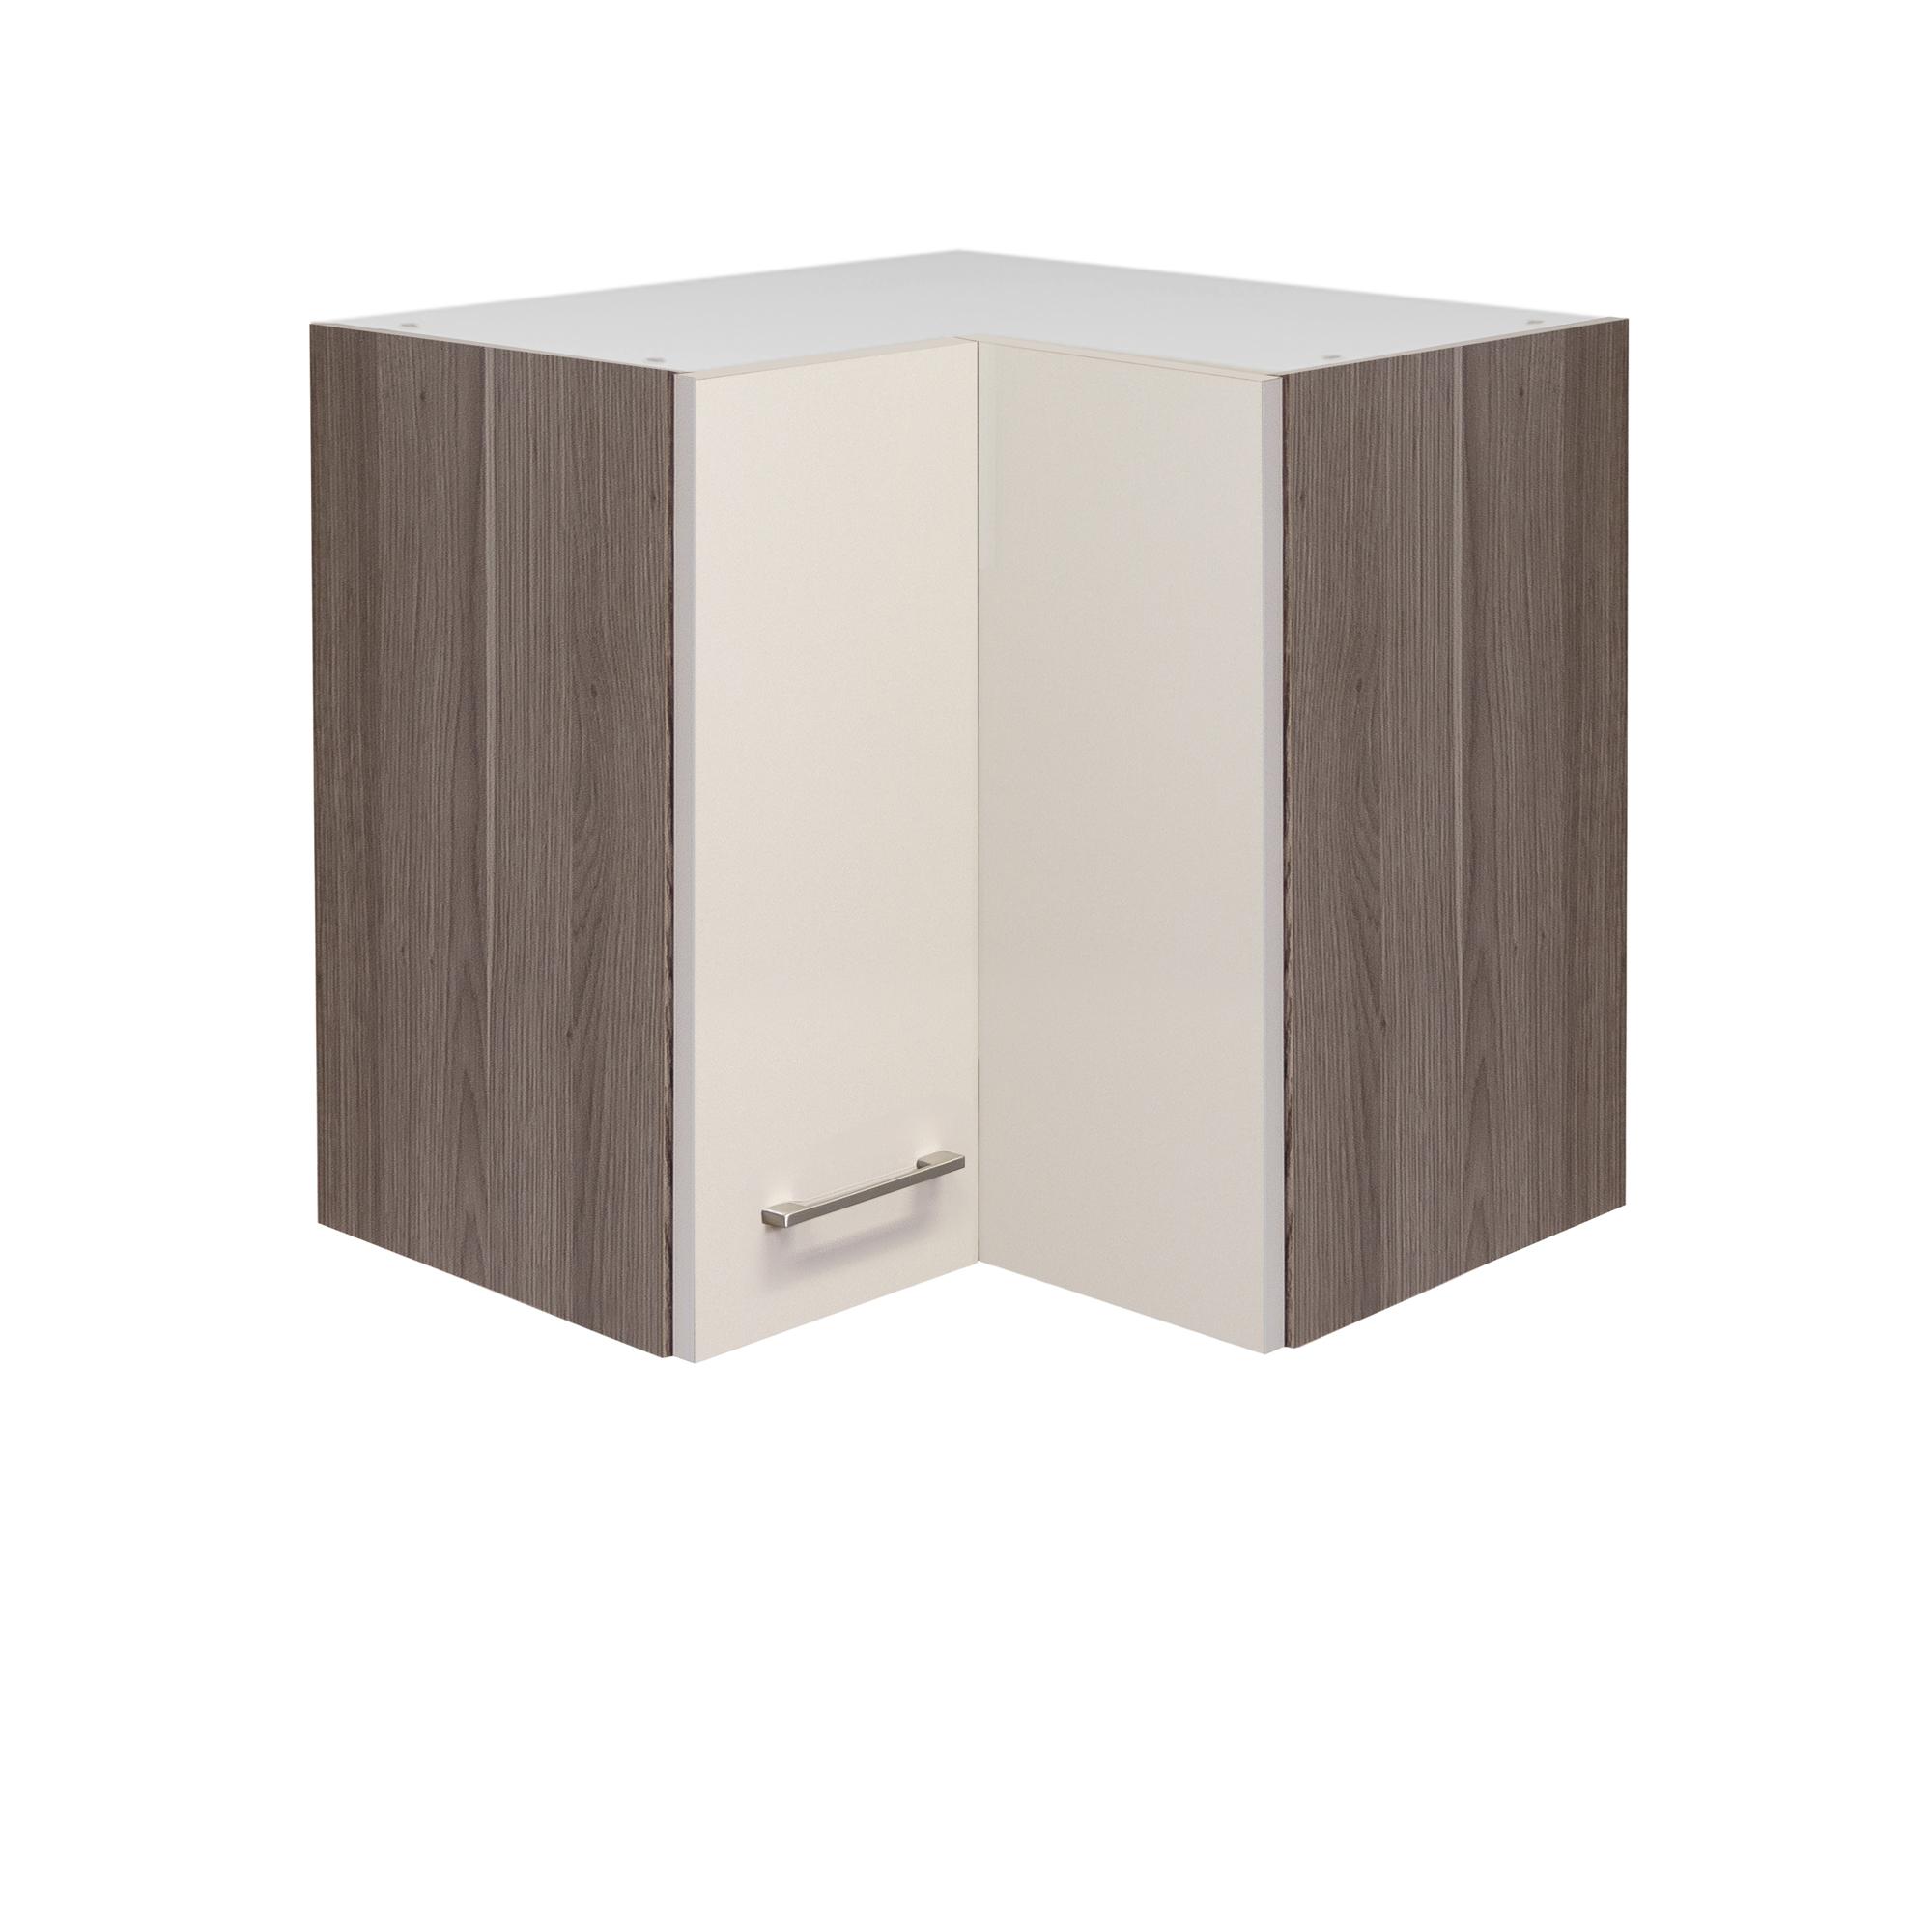 Küchen-Eckhängeschrank EICO - 2-türig - 60 cm breit - Creme Samtmatt ...